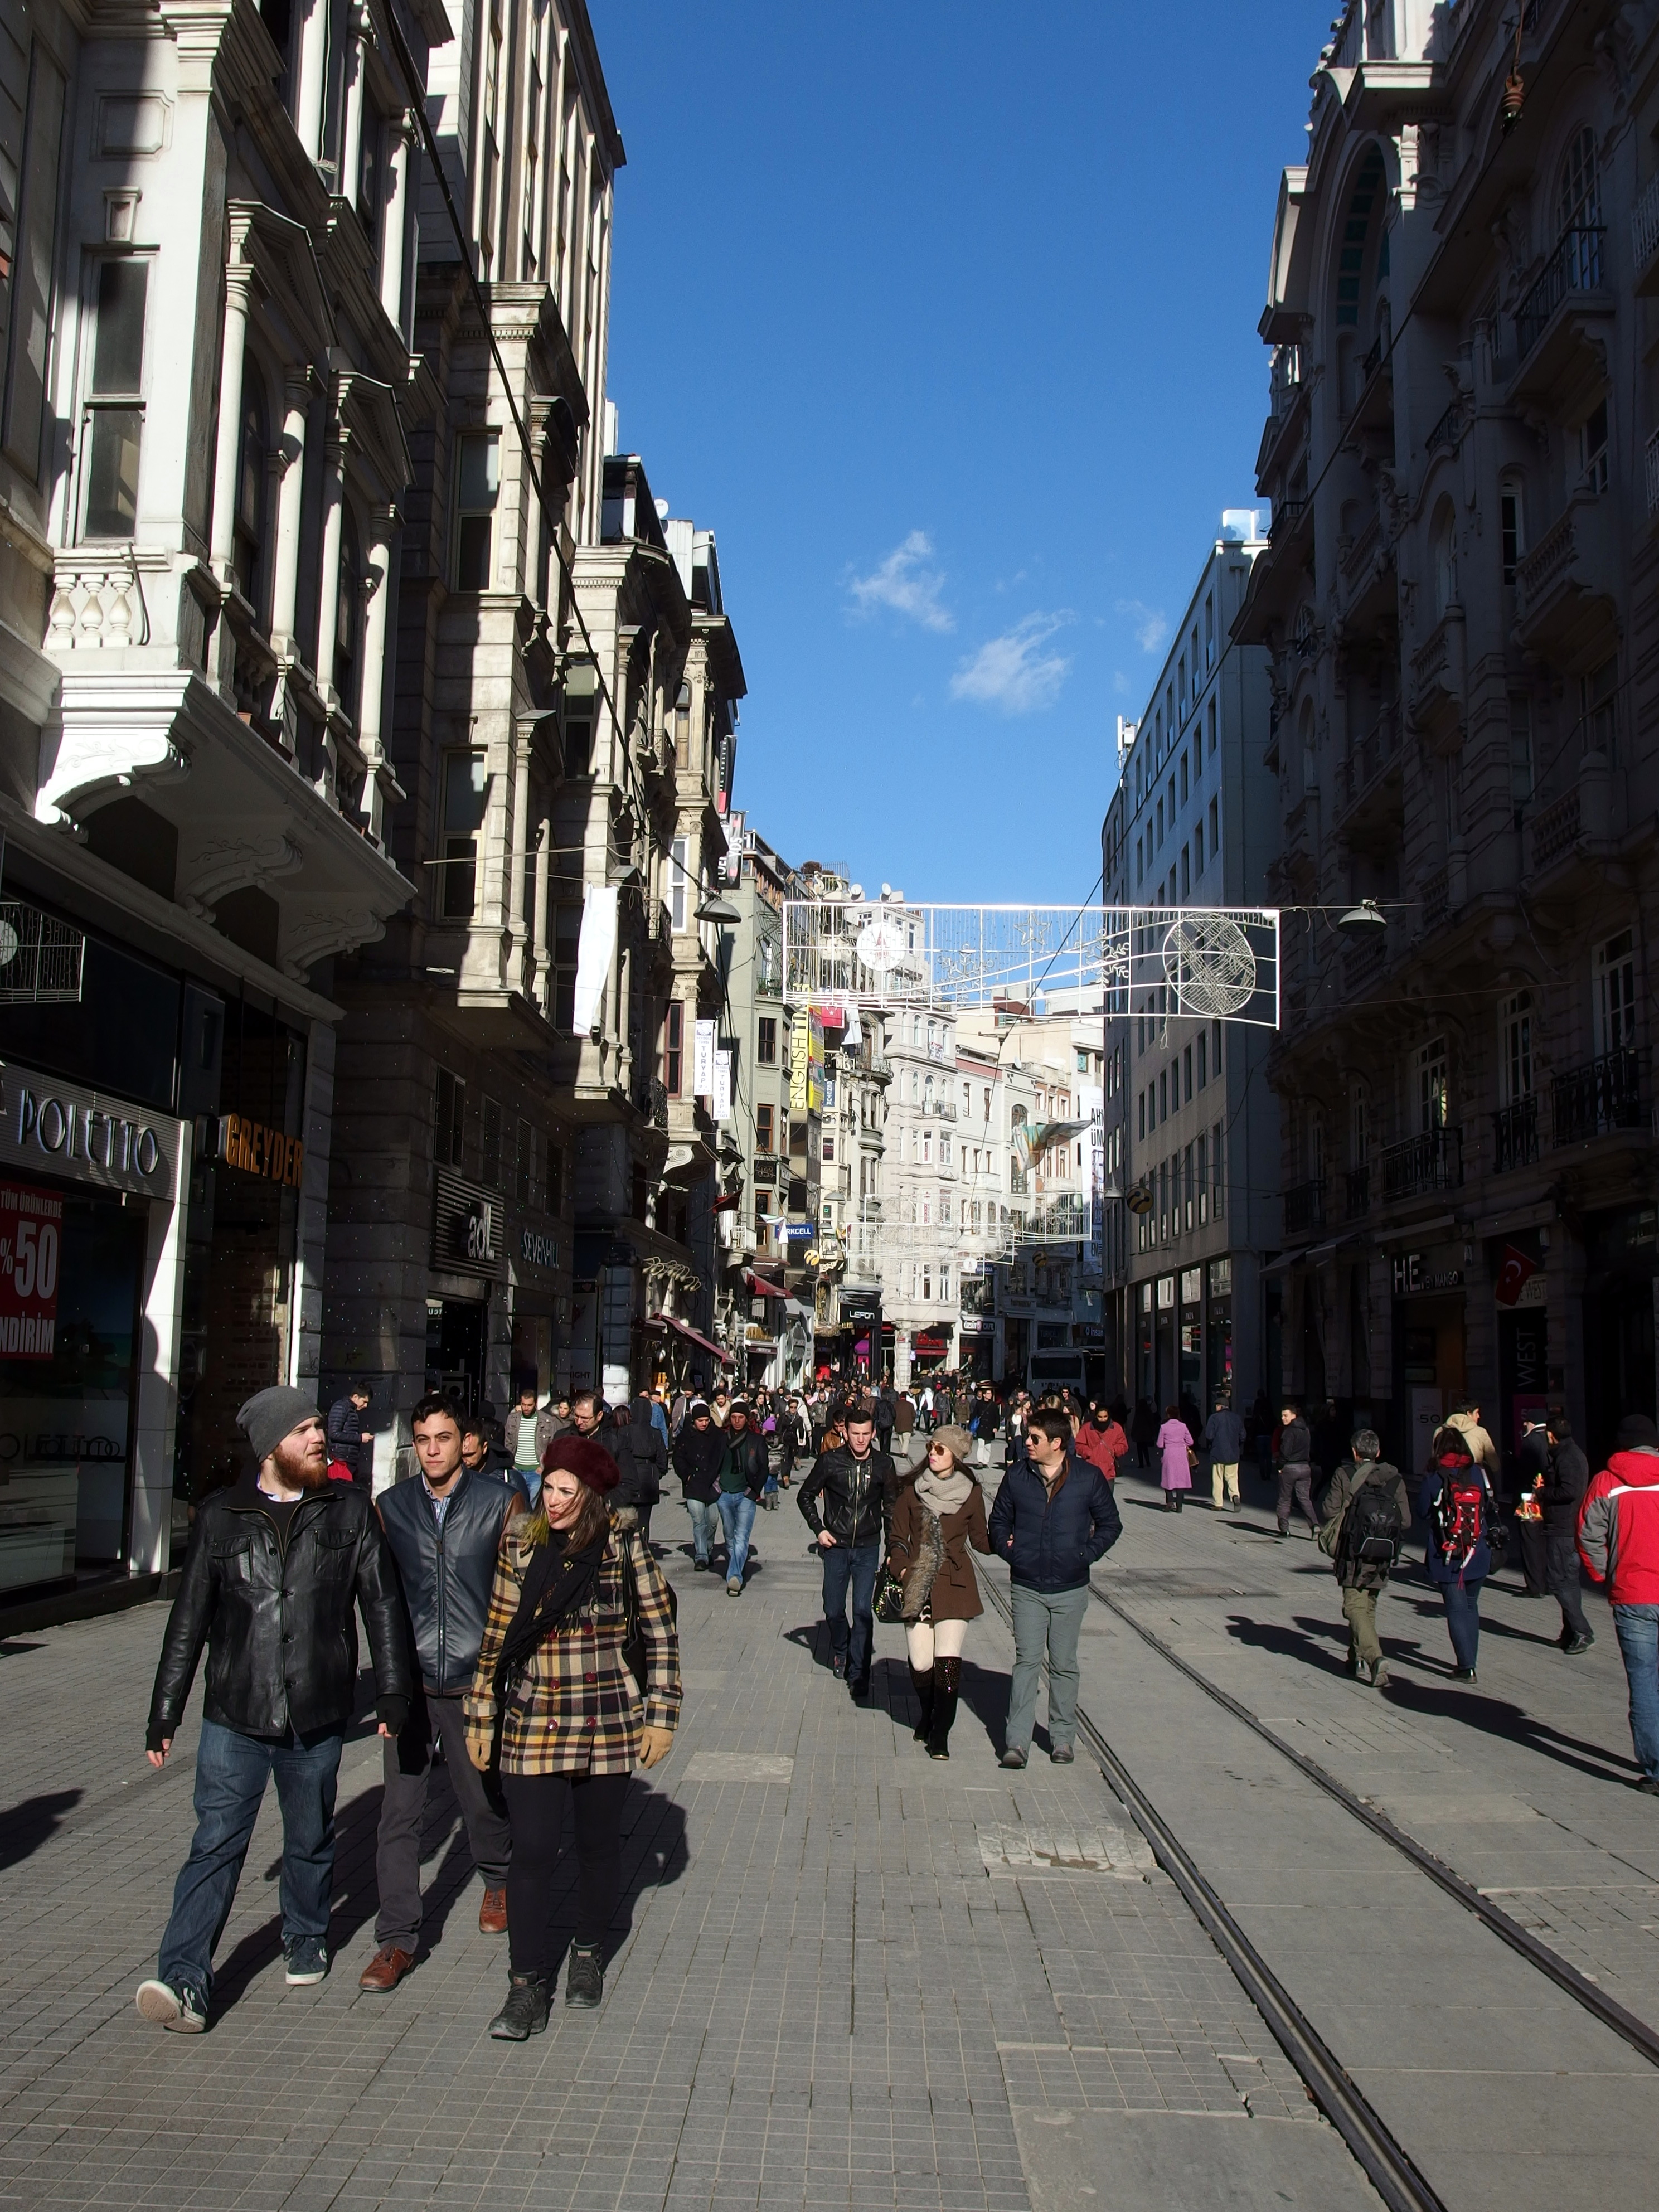 تفجير إسطنبول مارس 2016 ويكيبيديا